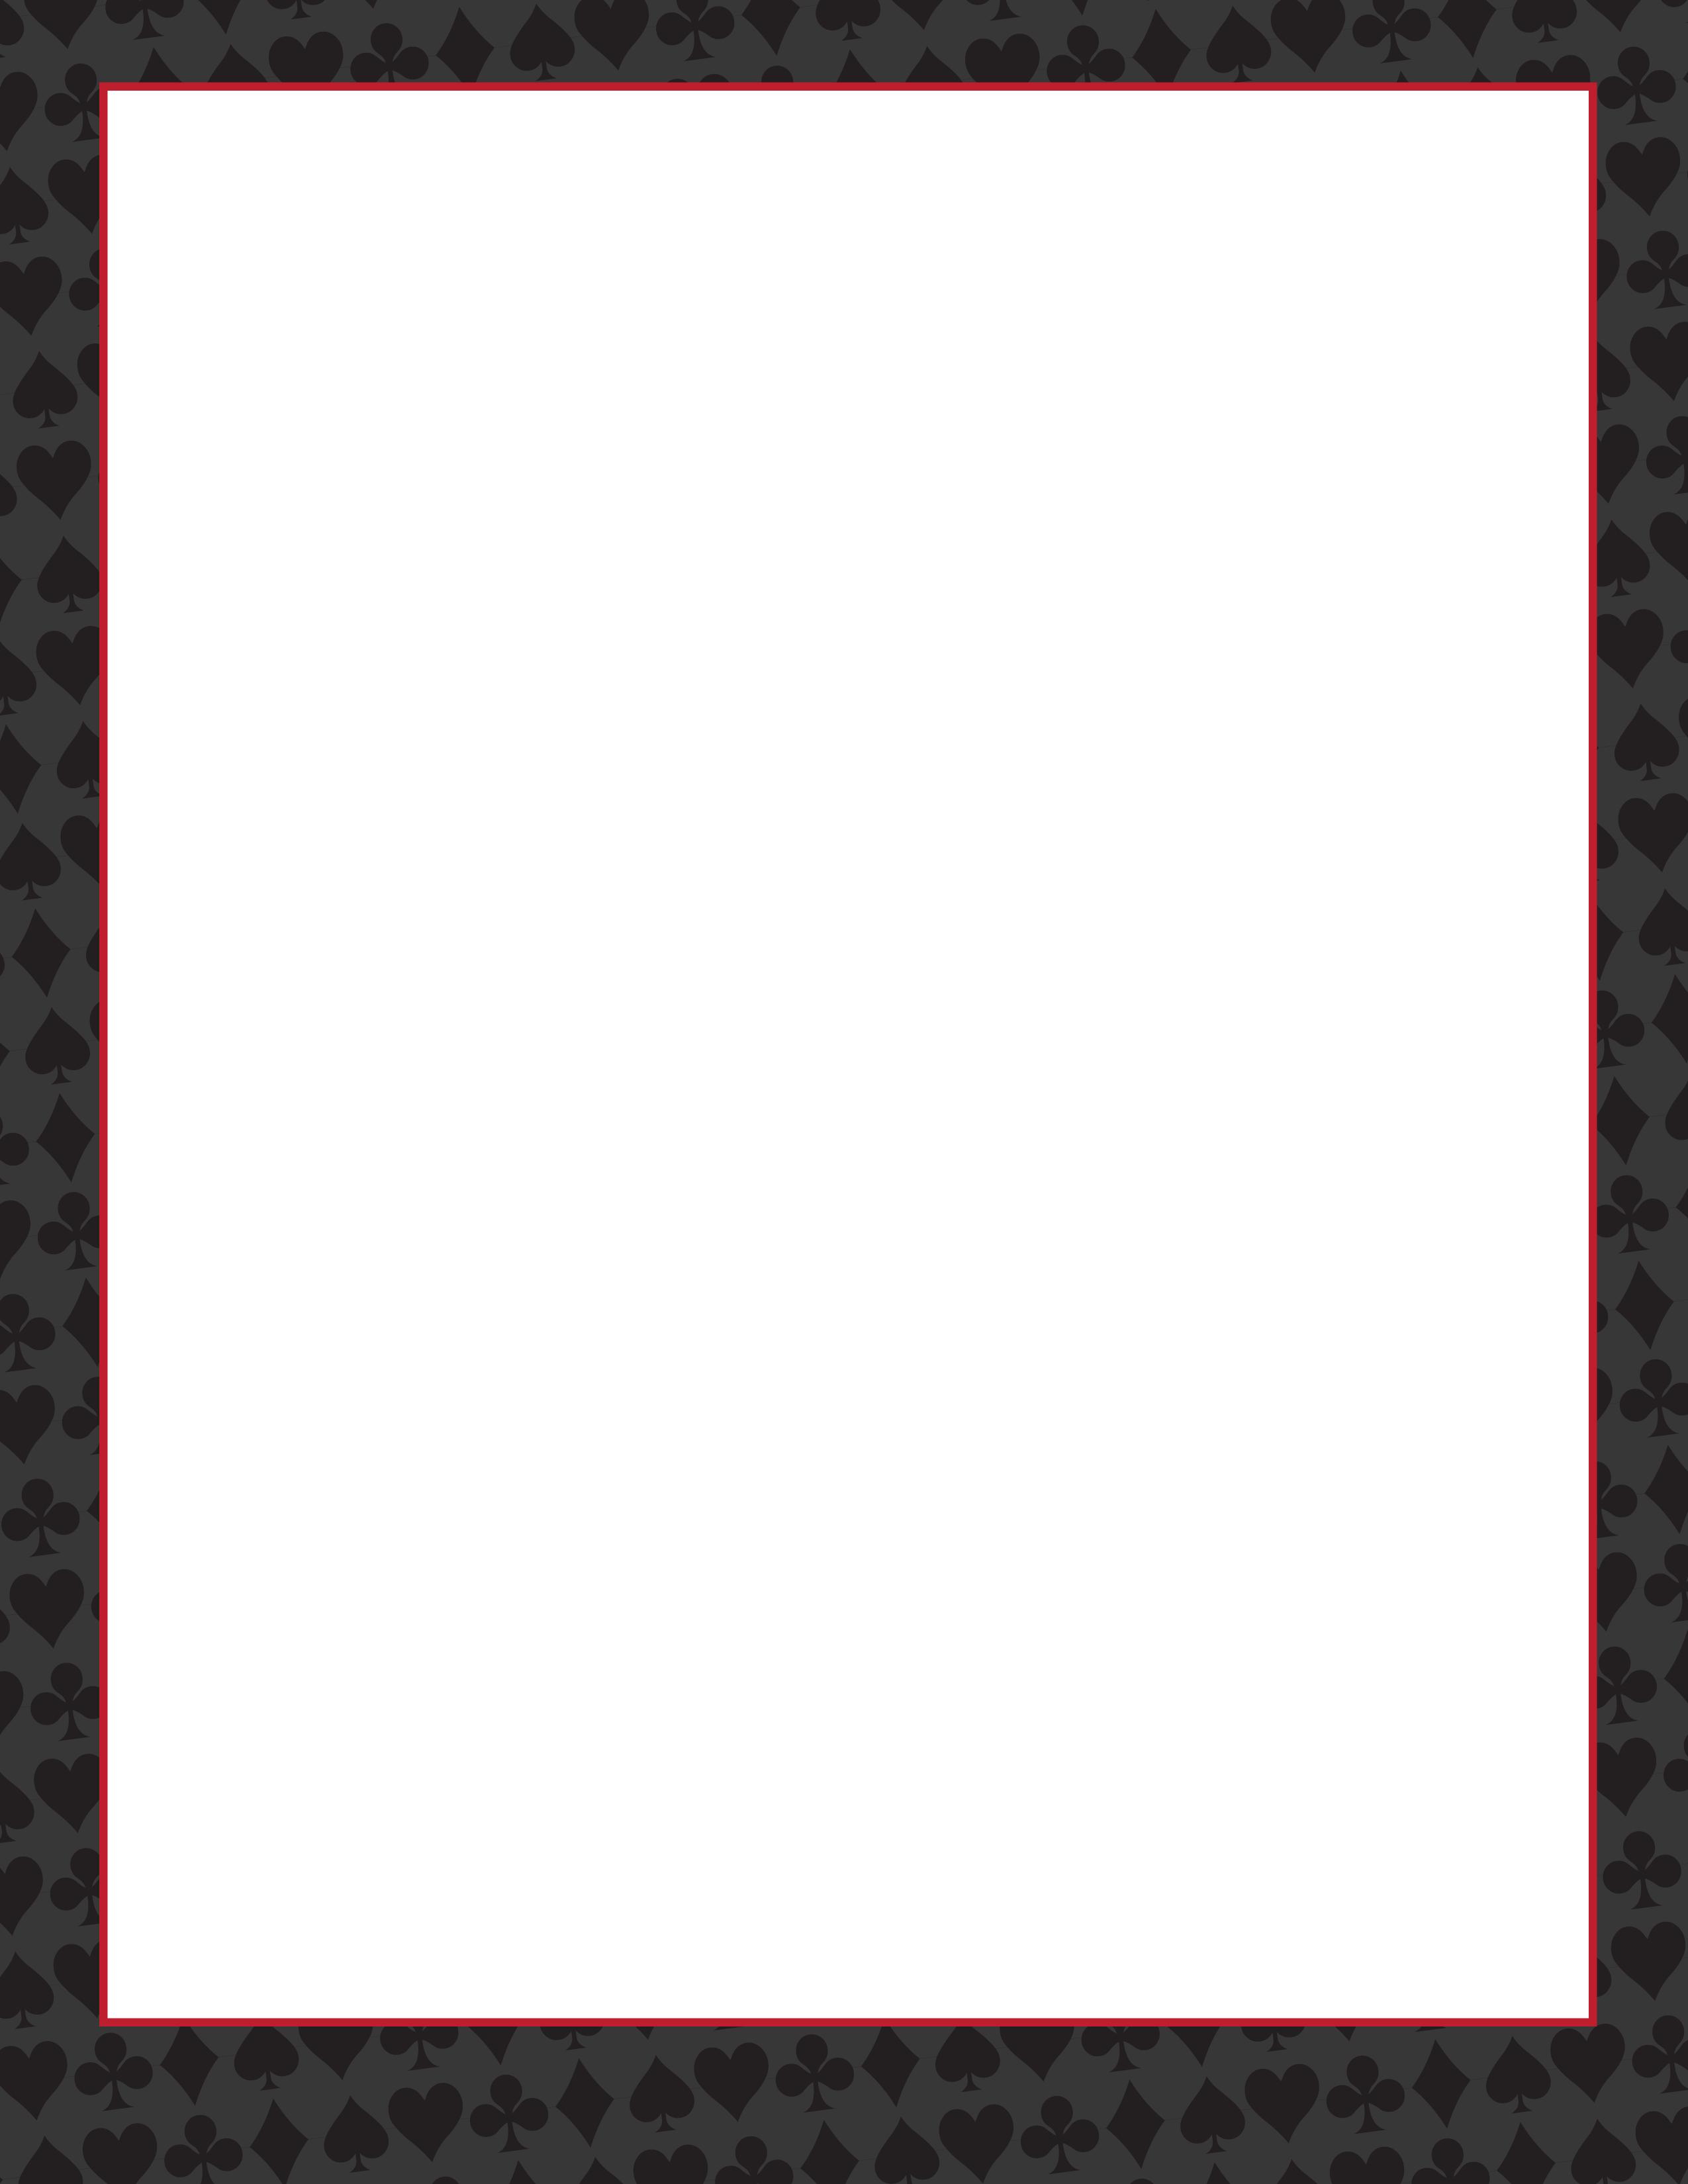 simple black frame png. Downlad-png-btn.png Simple Black Frame Png